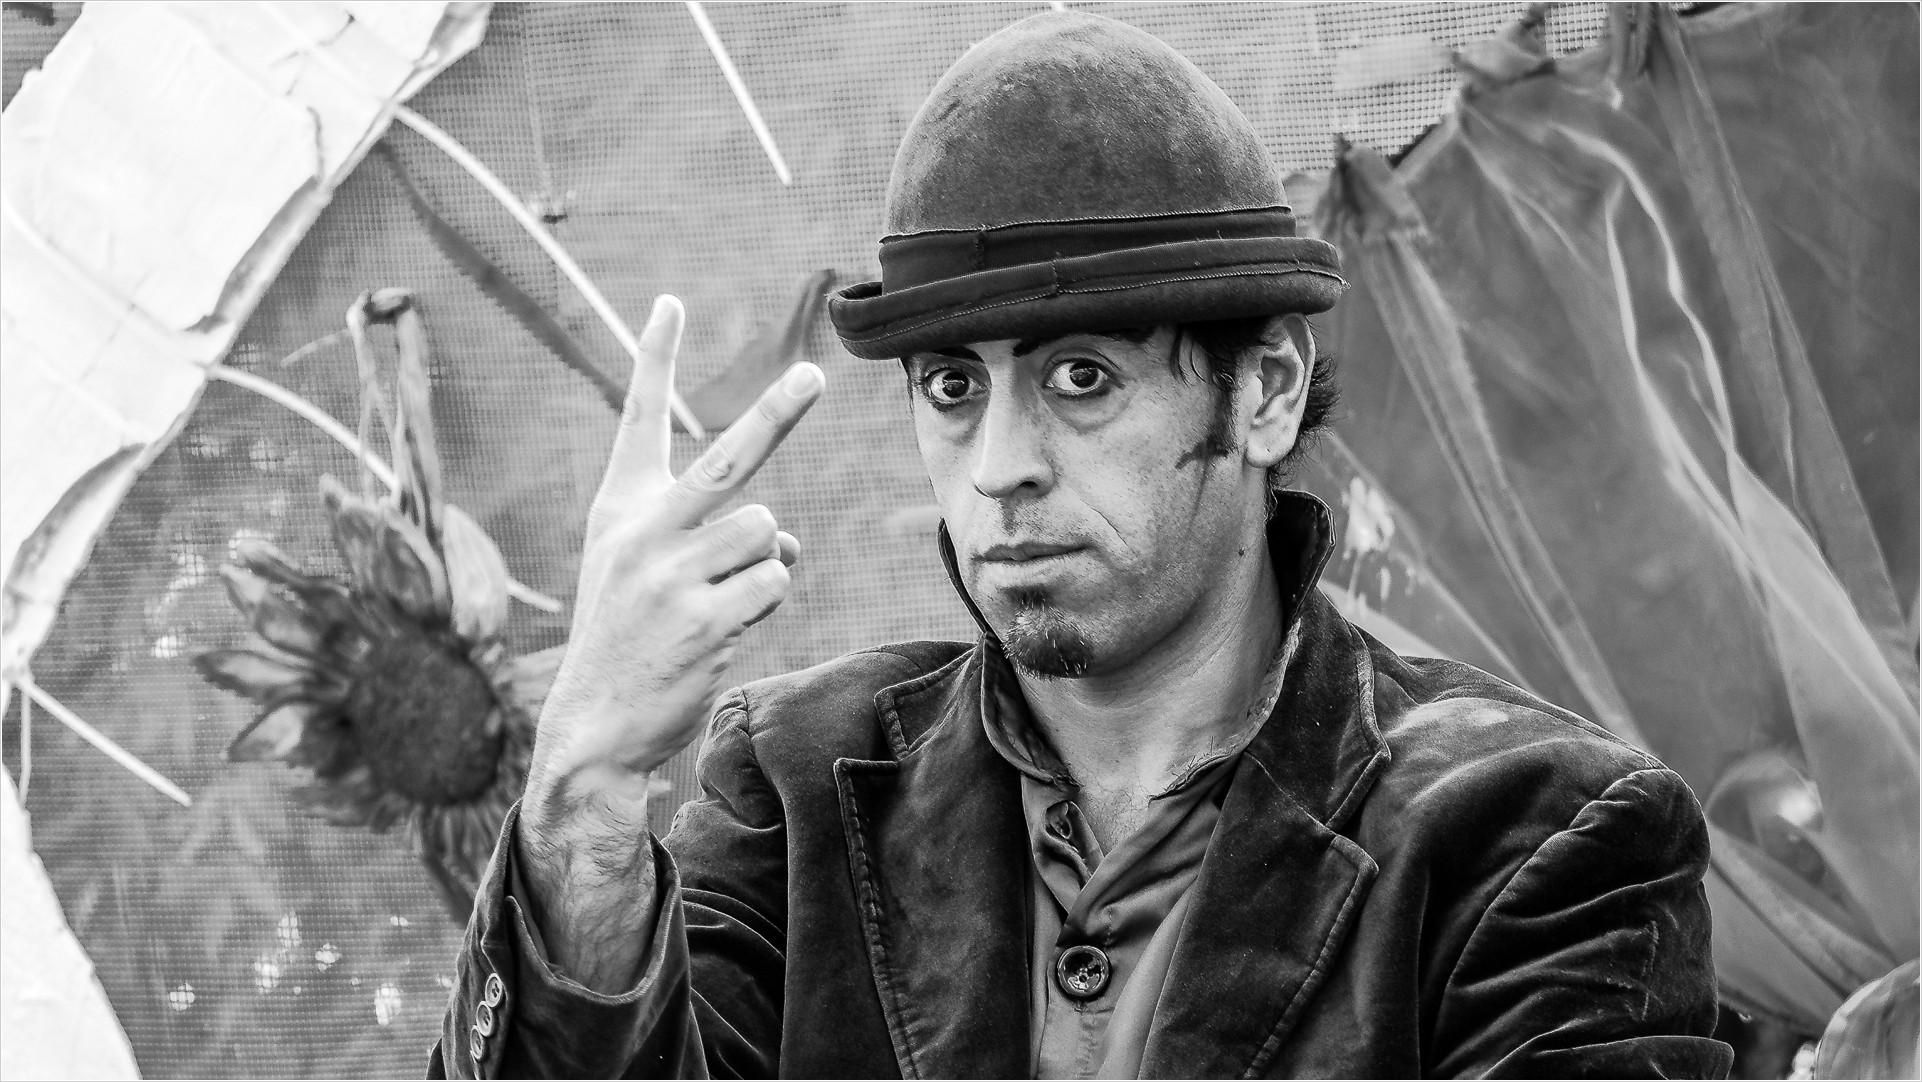 Mann zeigt zwei Finger als V